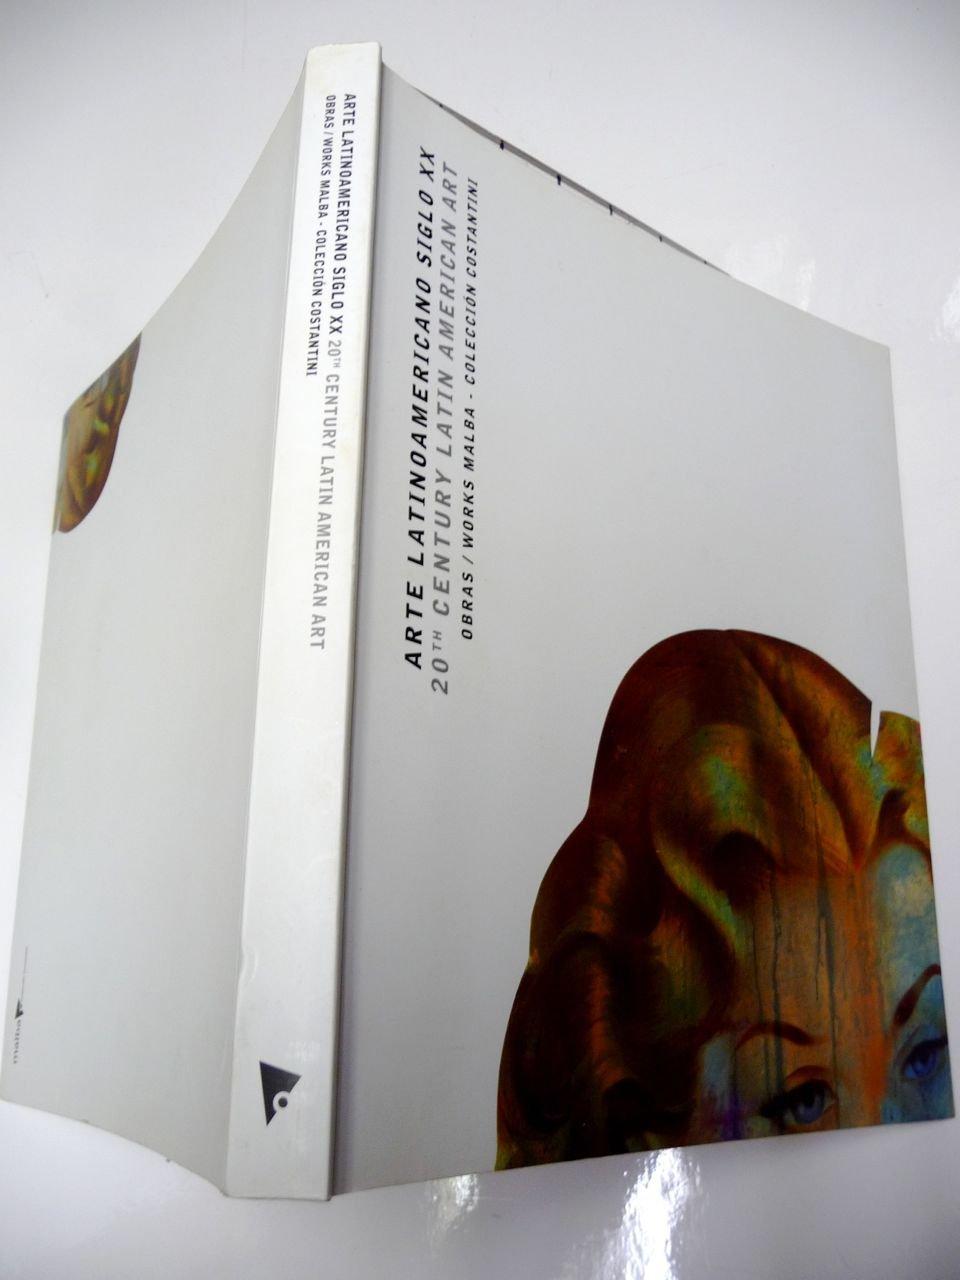 Download Arte Latinoamericano Siglo XX [20th Century Latin American Art] Obras / Works Malba - Colección Costantini ebook